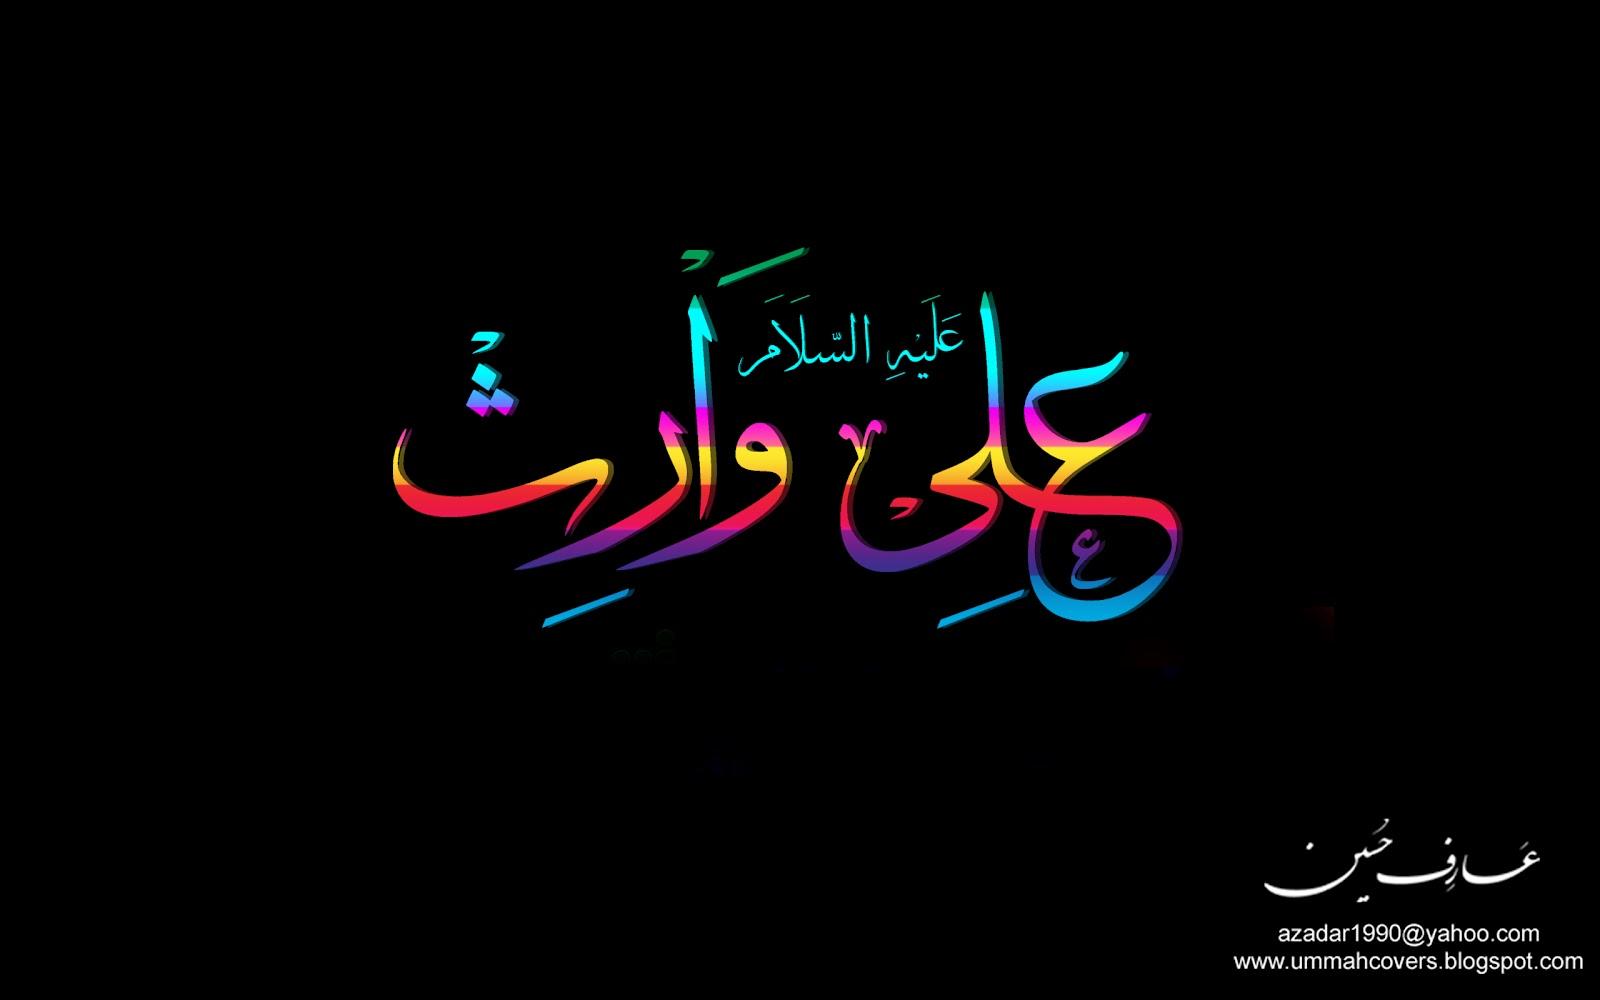 Group Of Facebook Ya Ali Wallpaper